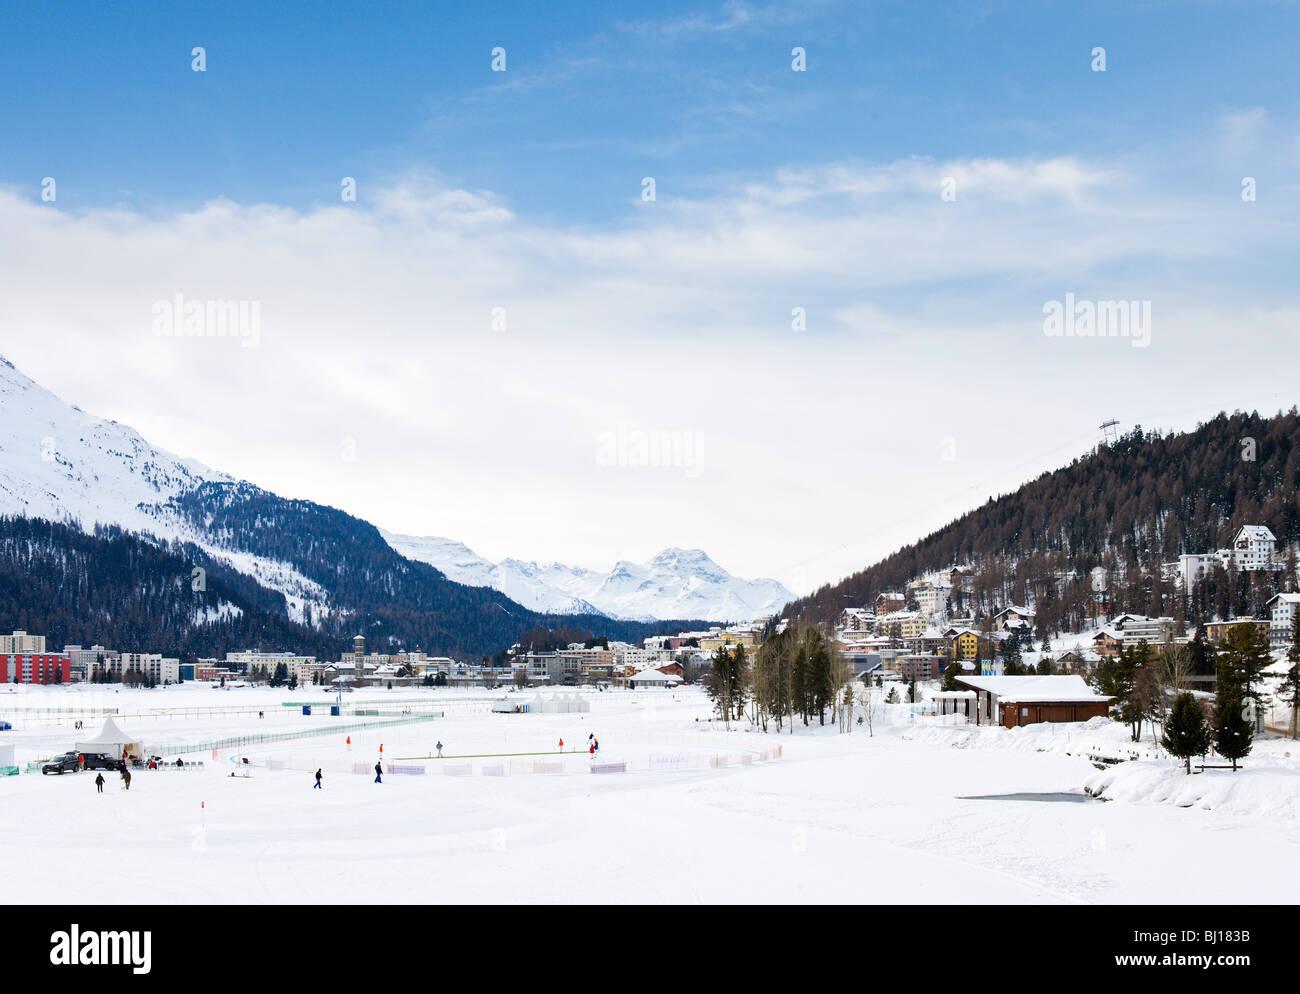 View over the lake from St Moritz Dorf towards St Moritz Bad, St Moritz, Switzerland - Stock Image